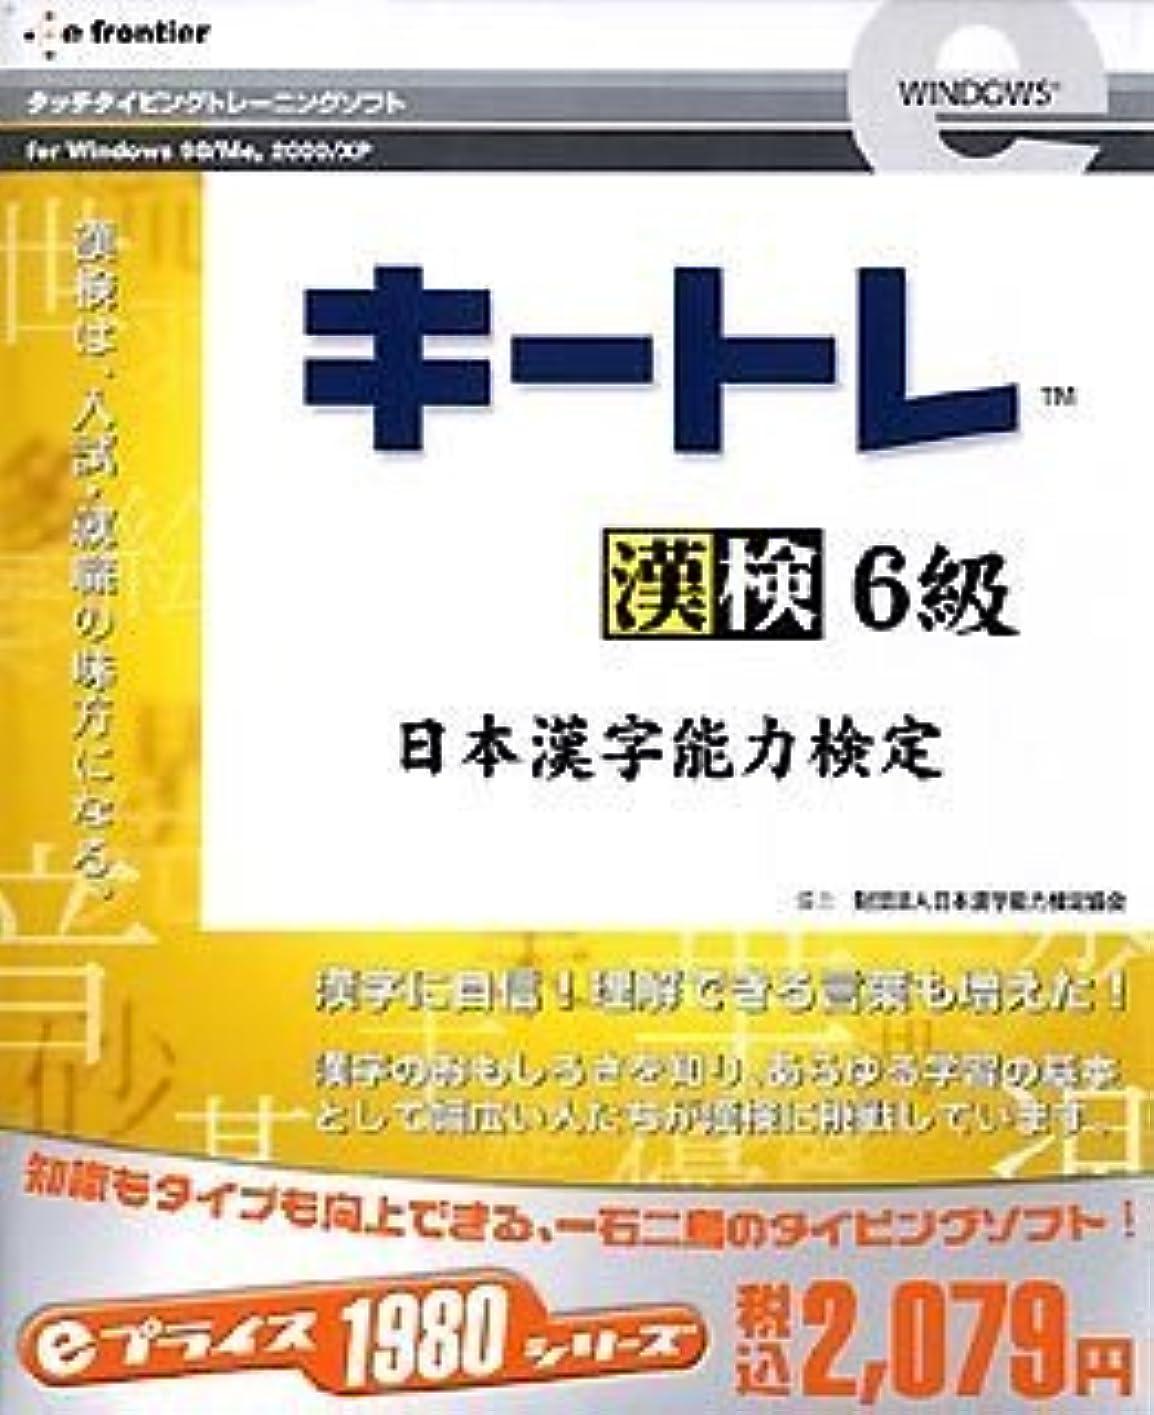 軽く起きているウィンクeプライスシリーズ キートレ 漢検6級版